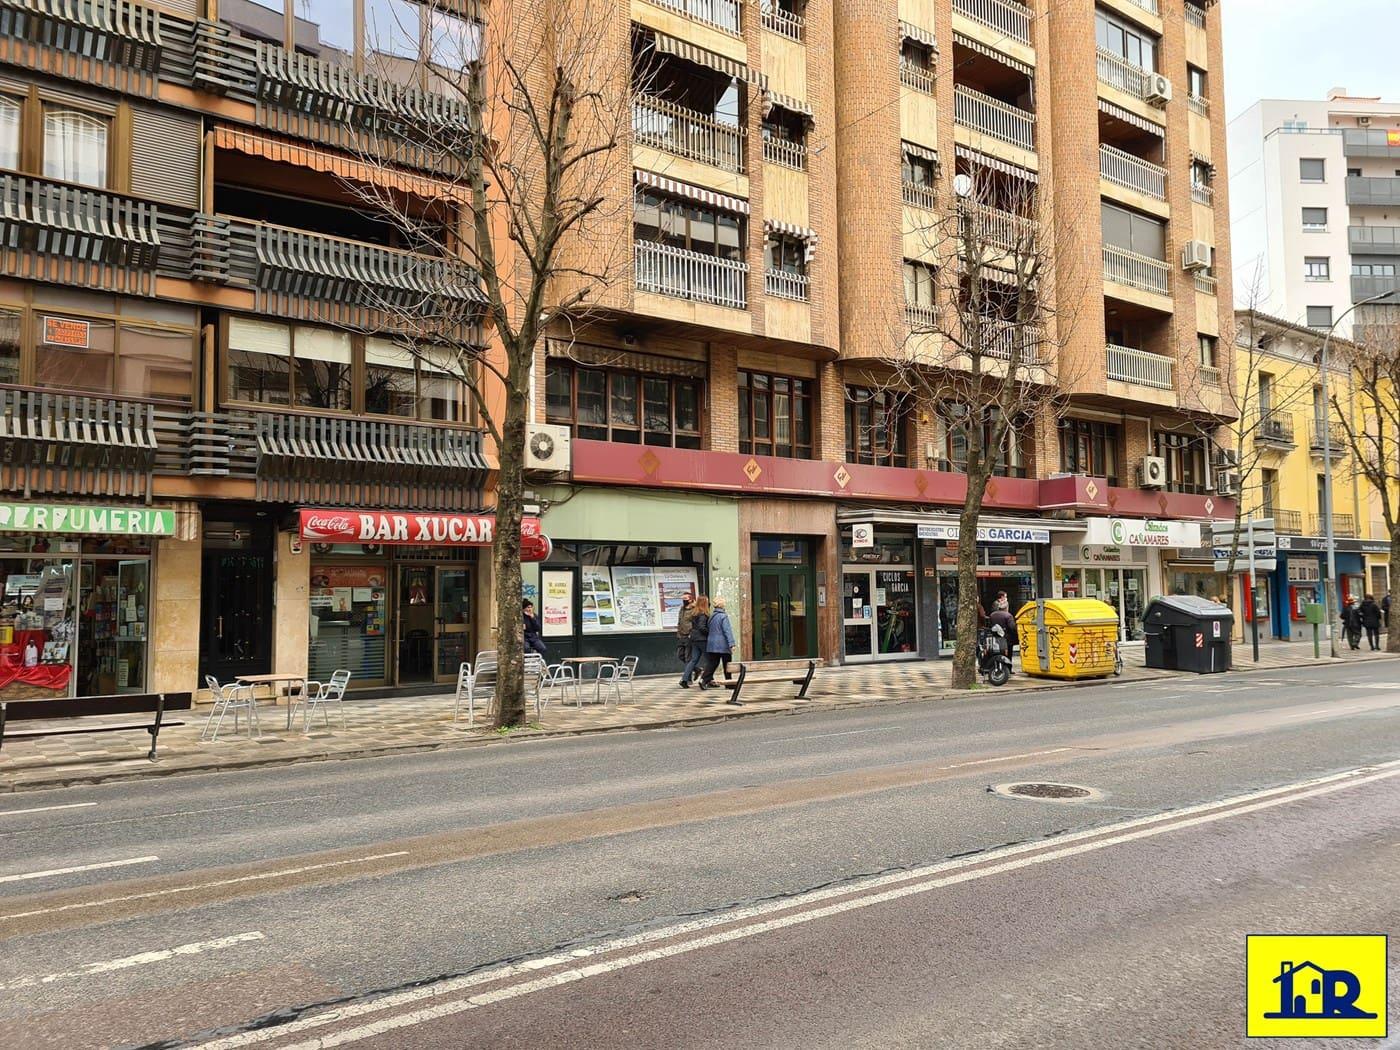 Escritório para venda em Cuenca cidade - 95 410 € (Ref: 6219013)